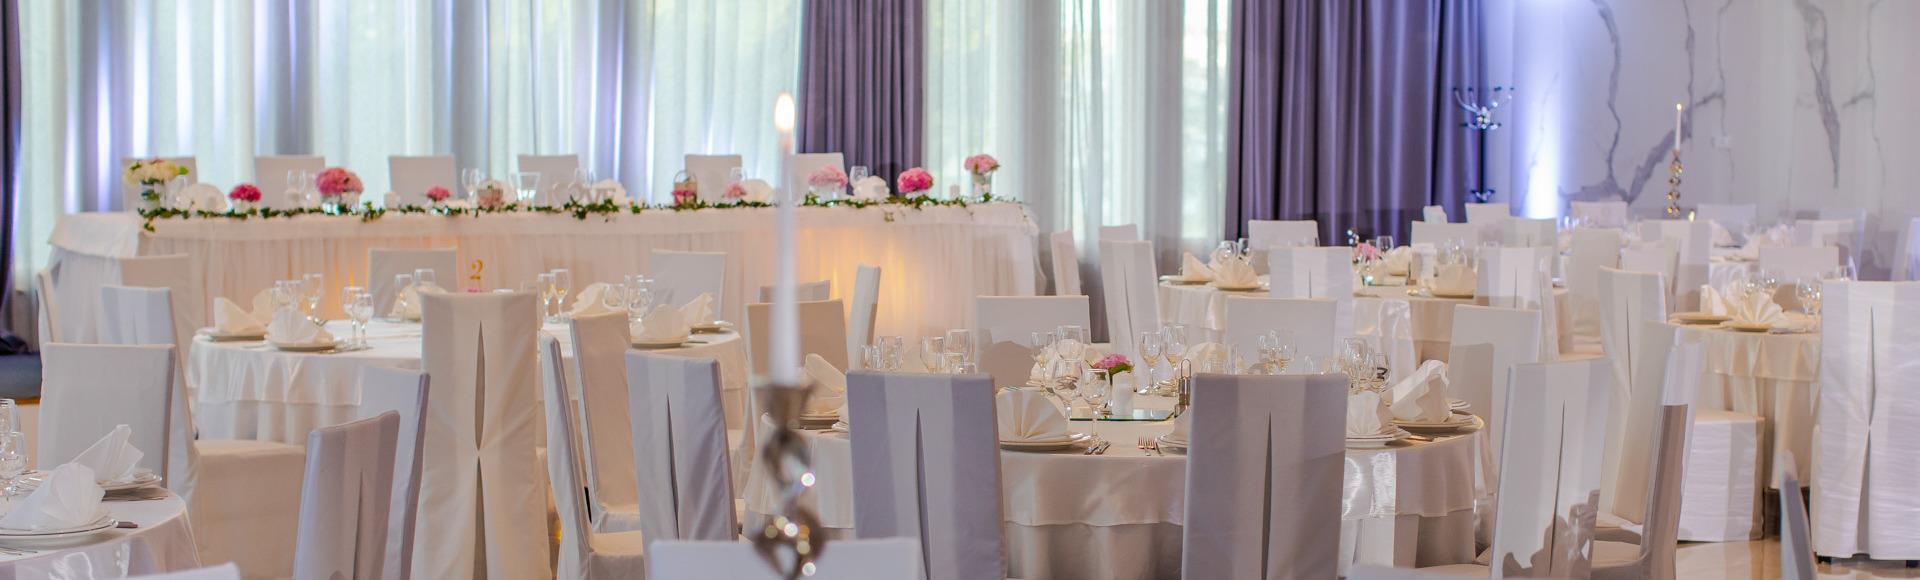 Hochzeiten in Solin